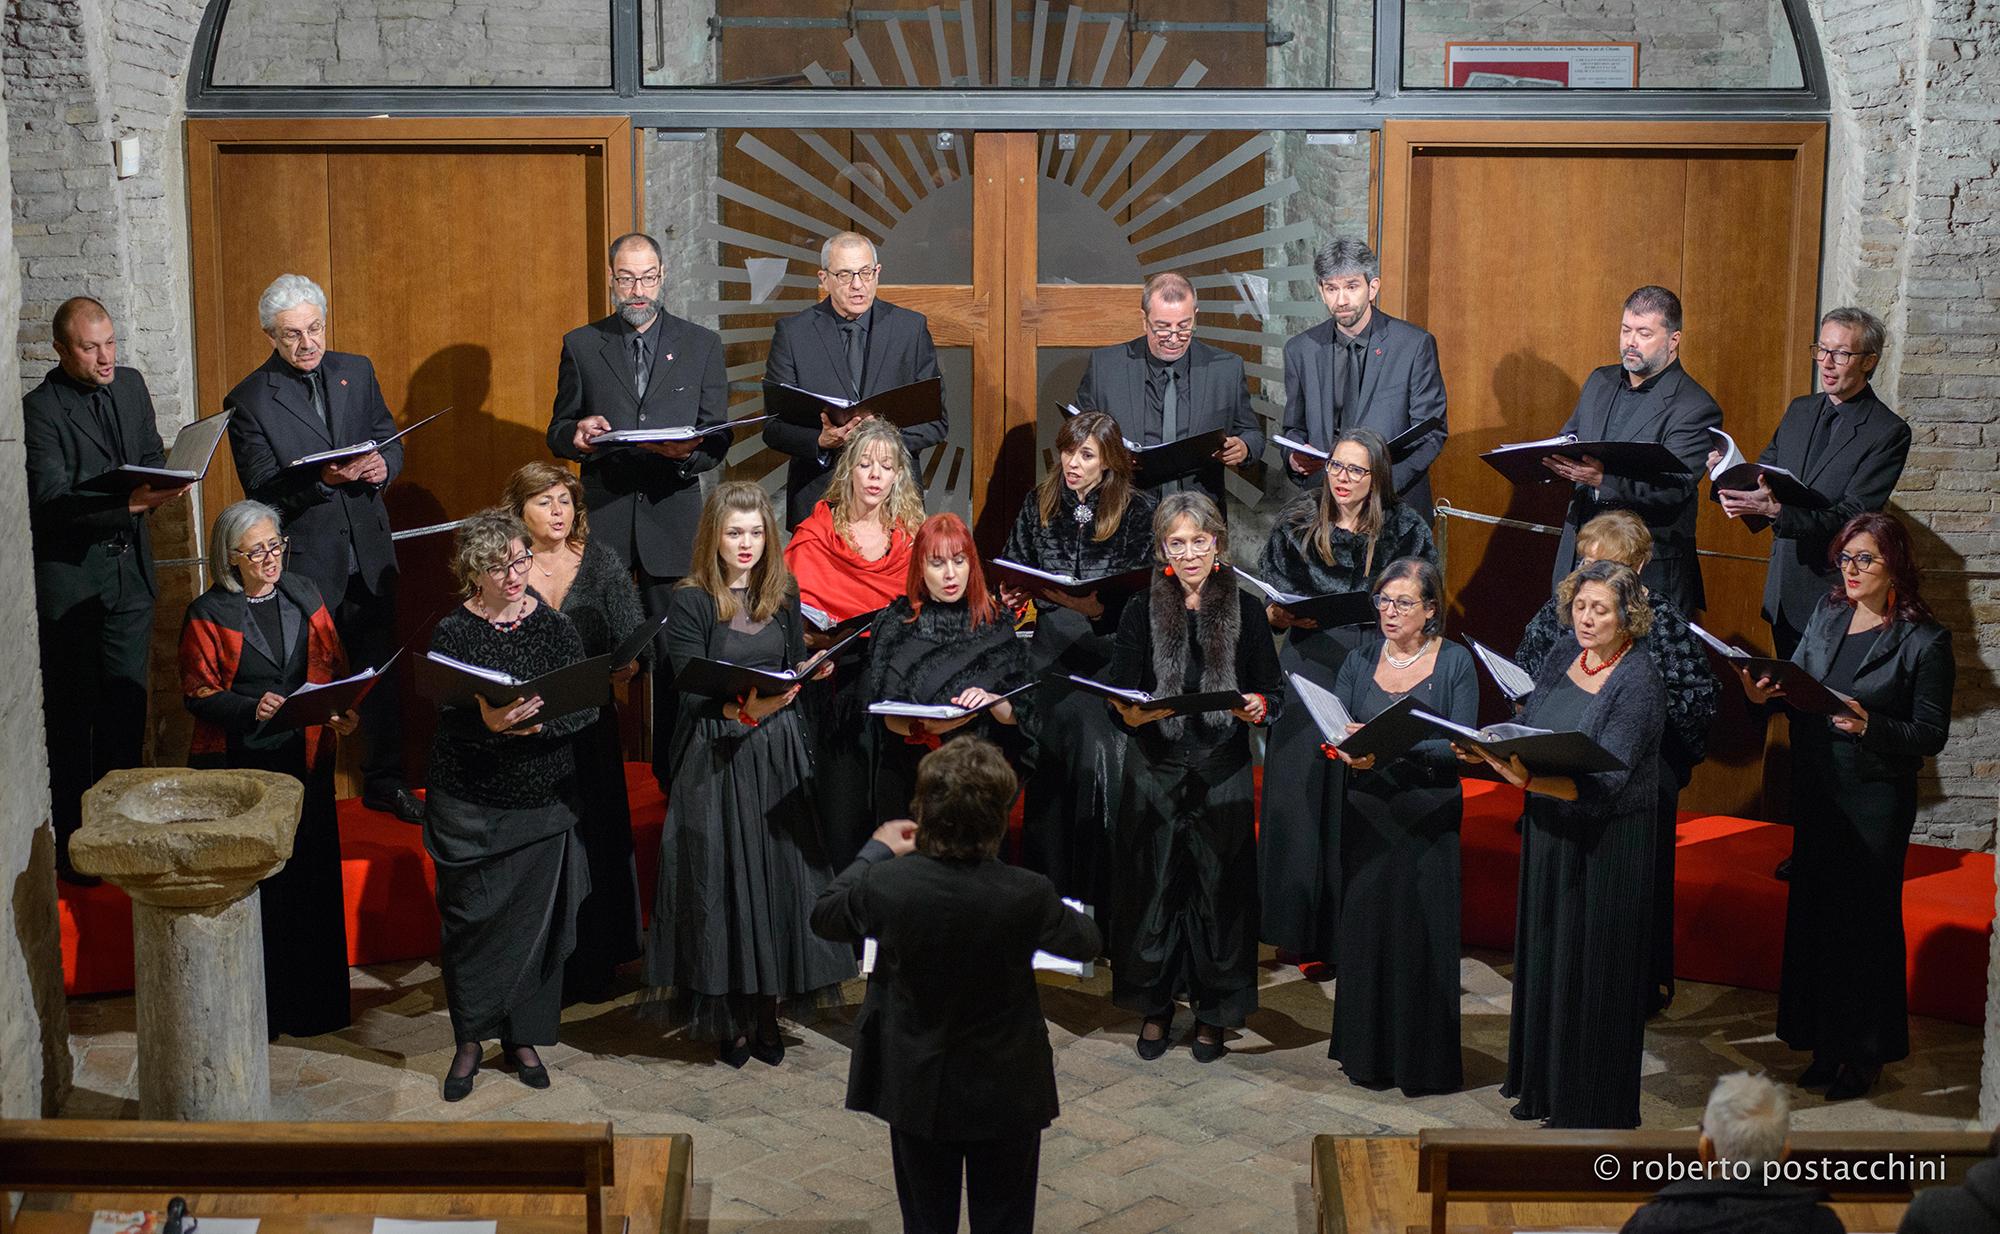 15.12.2018 - Concerto di Natale, Basilica di S. Maria a Piè di Chienti (Montecosaro, MC)